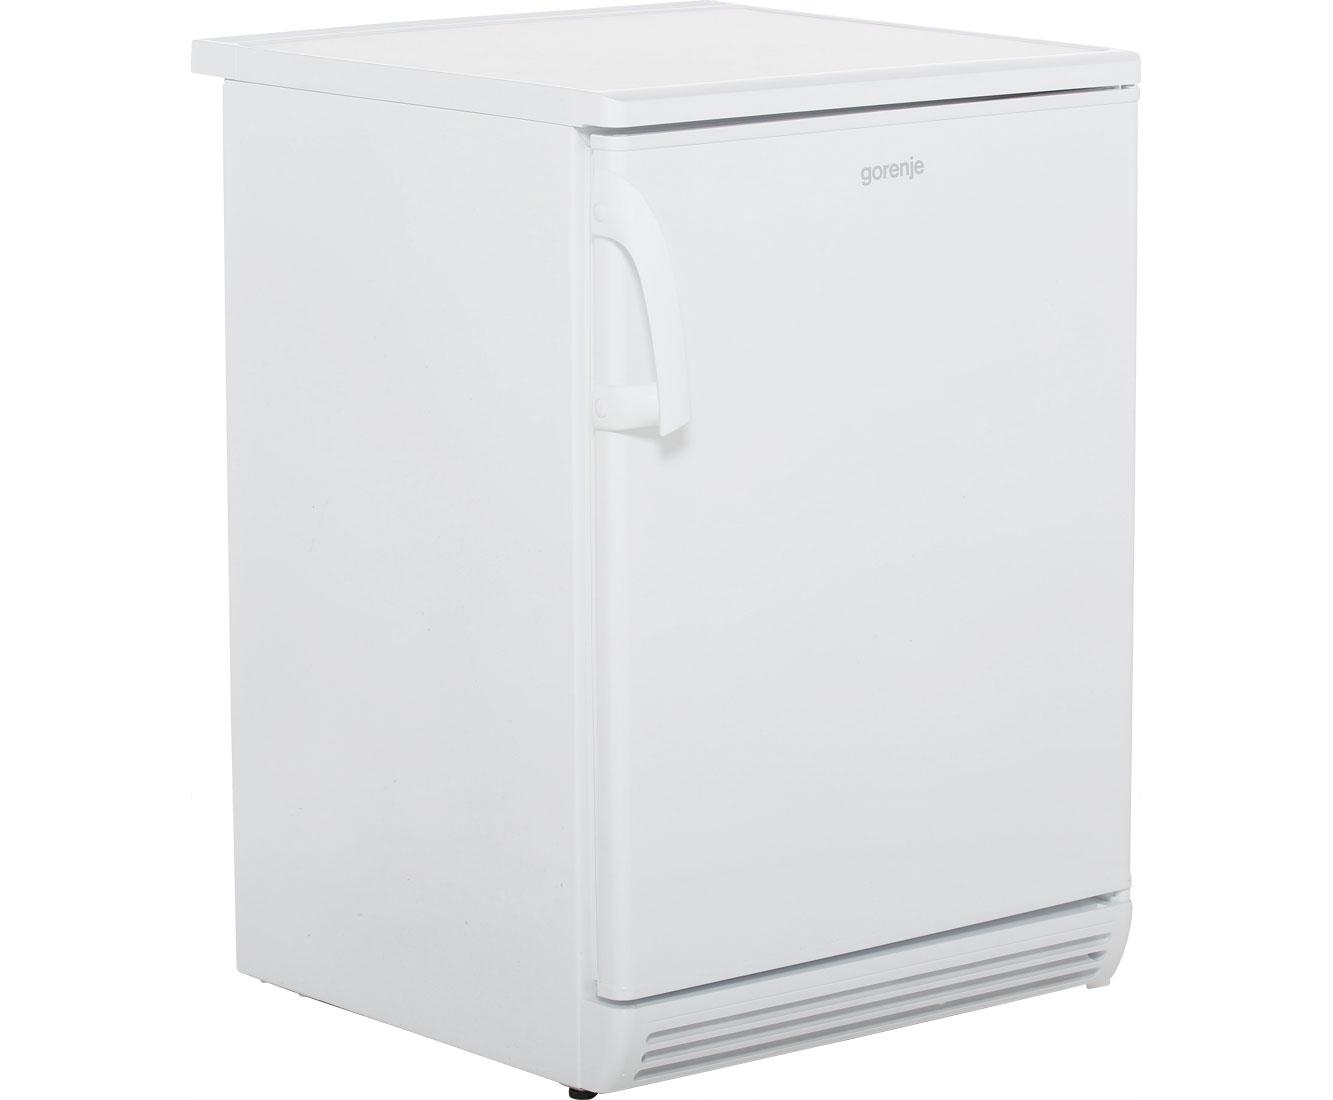 Gorenje Kühlschrank Ohne Gefrierfach : Kühlschrank ohne gefrierfach freistehend jan kolbe einbau